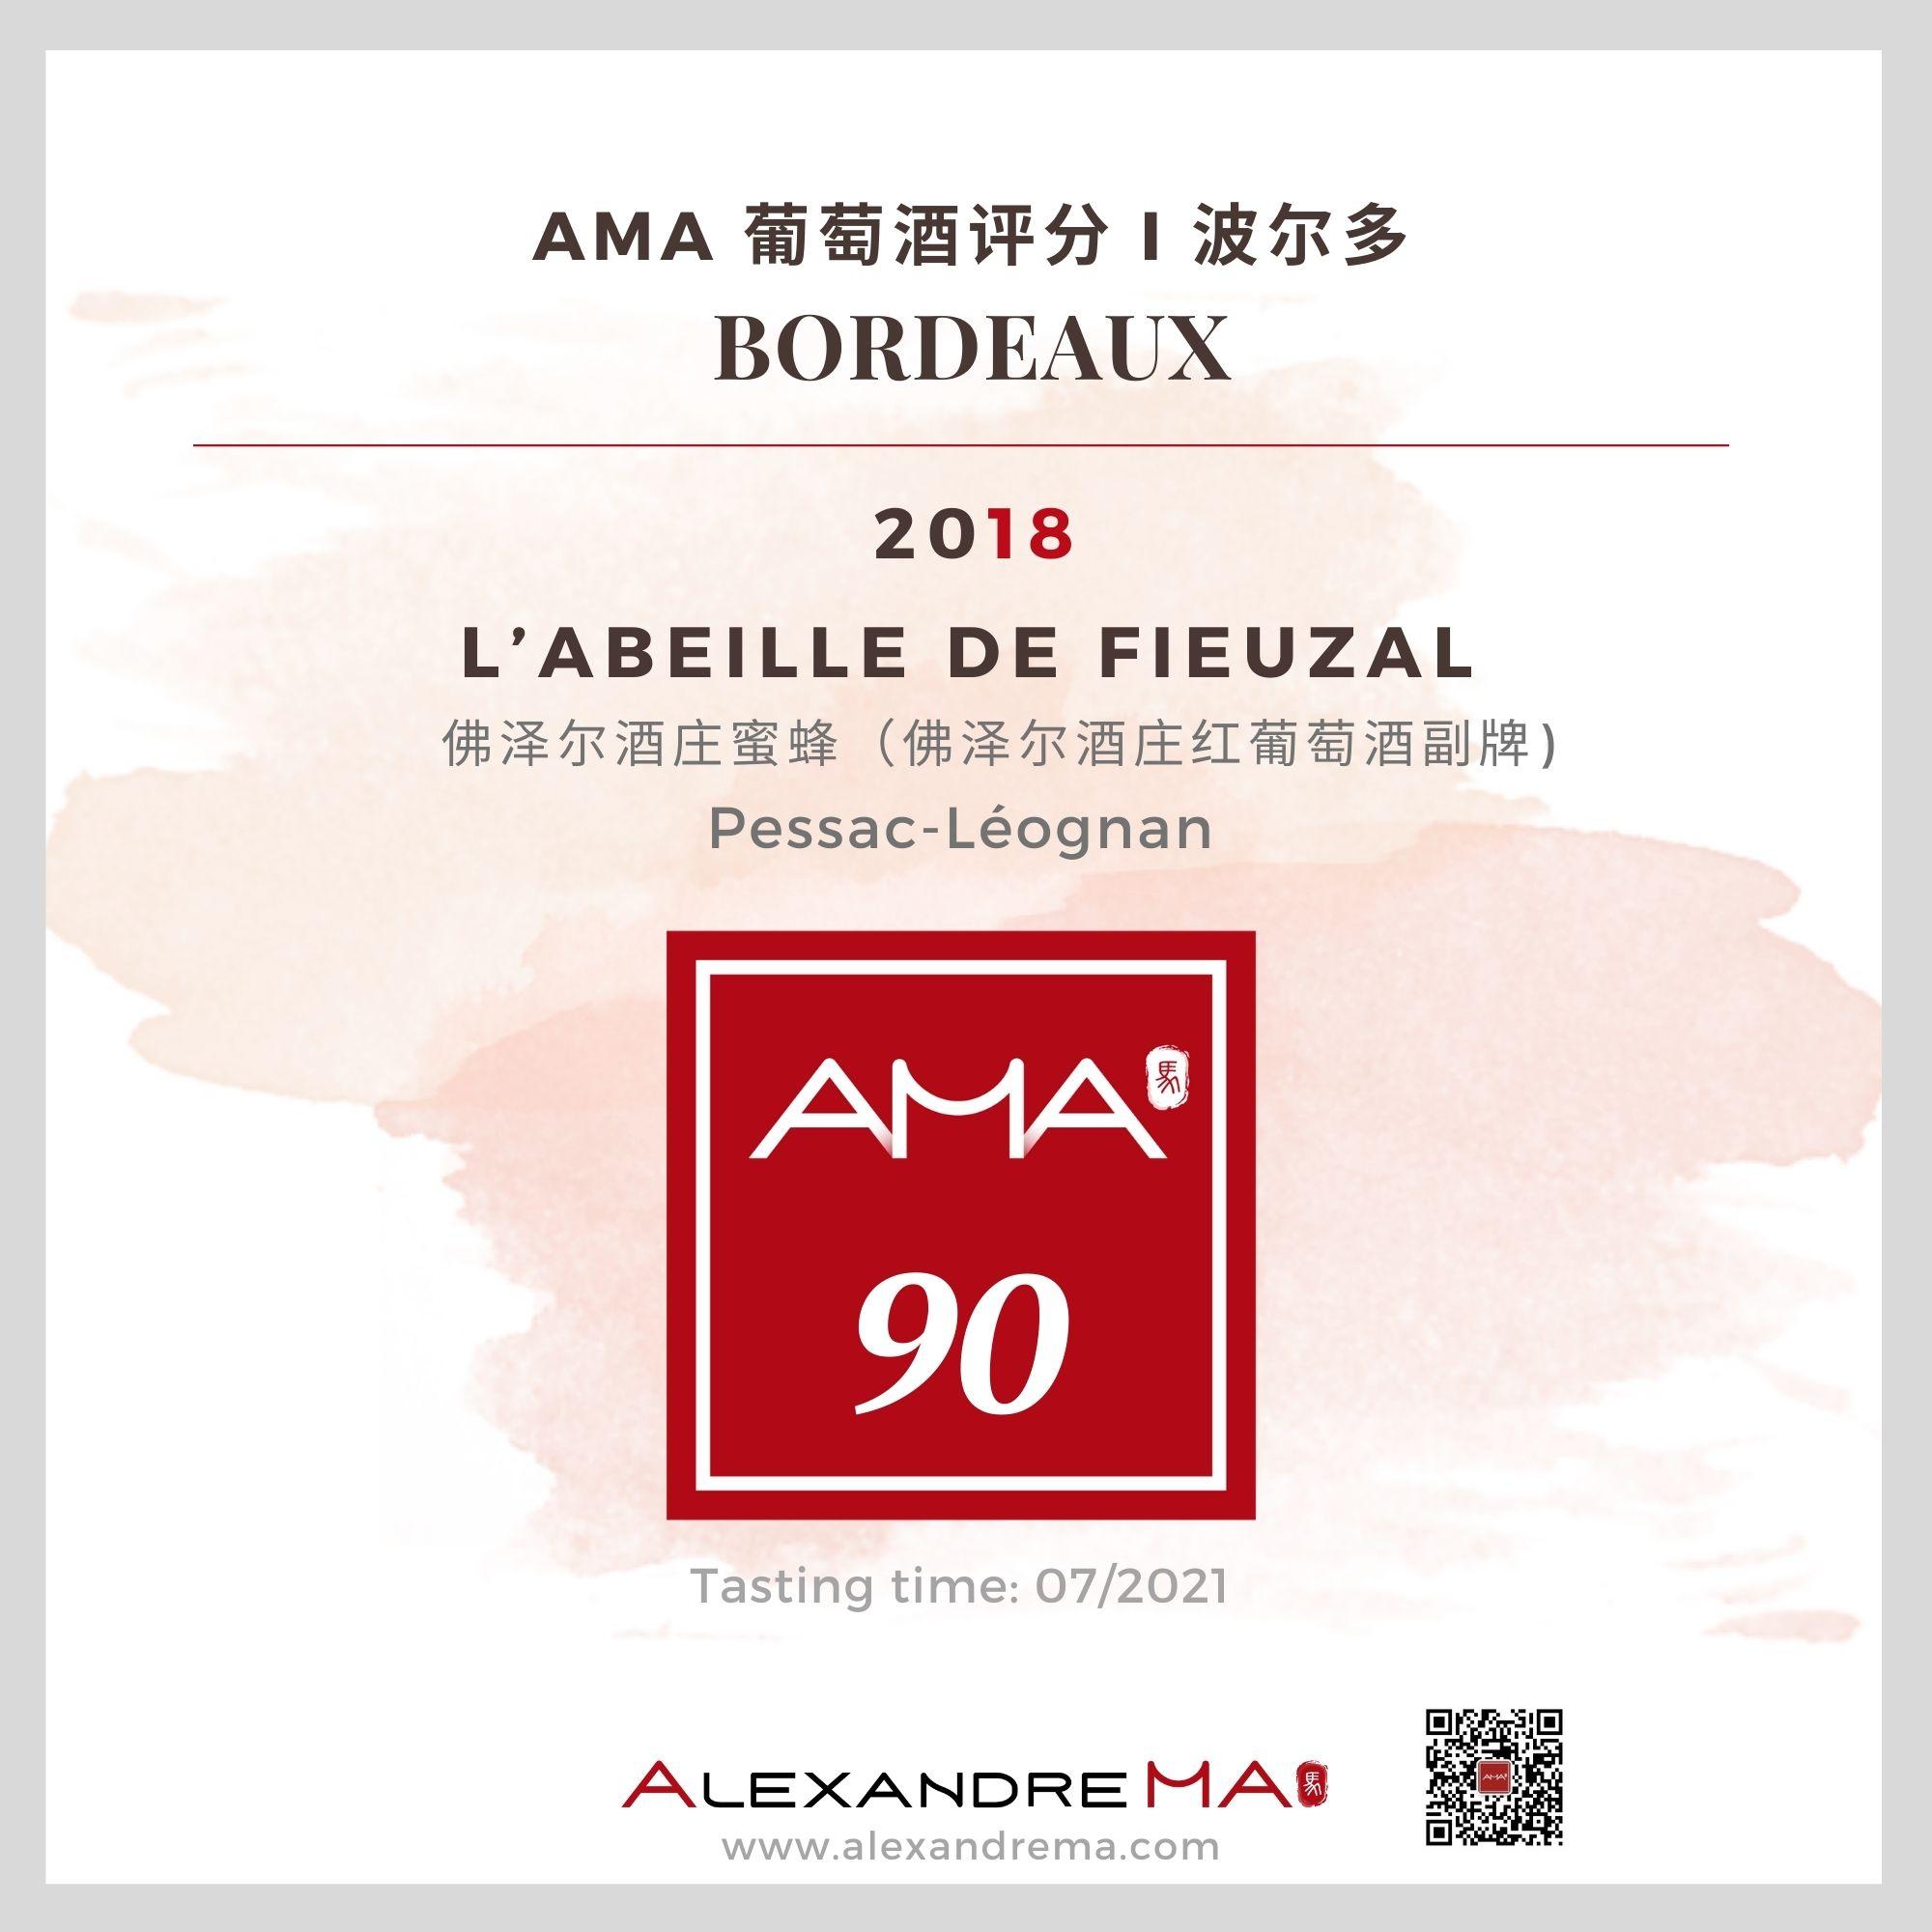 Château de Fieuzal – Abeille de Fieuzal 2018 - Alexandre MA